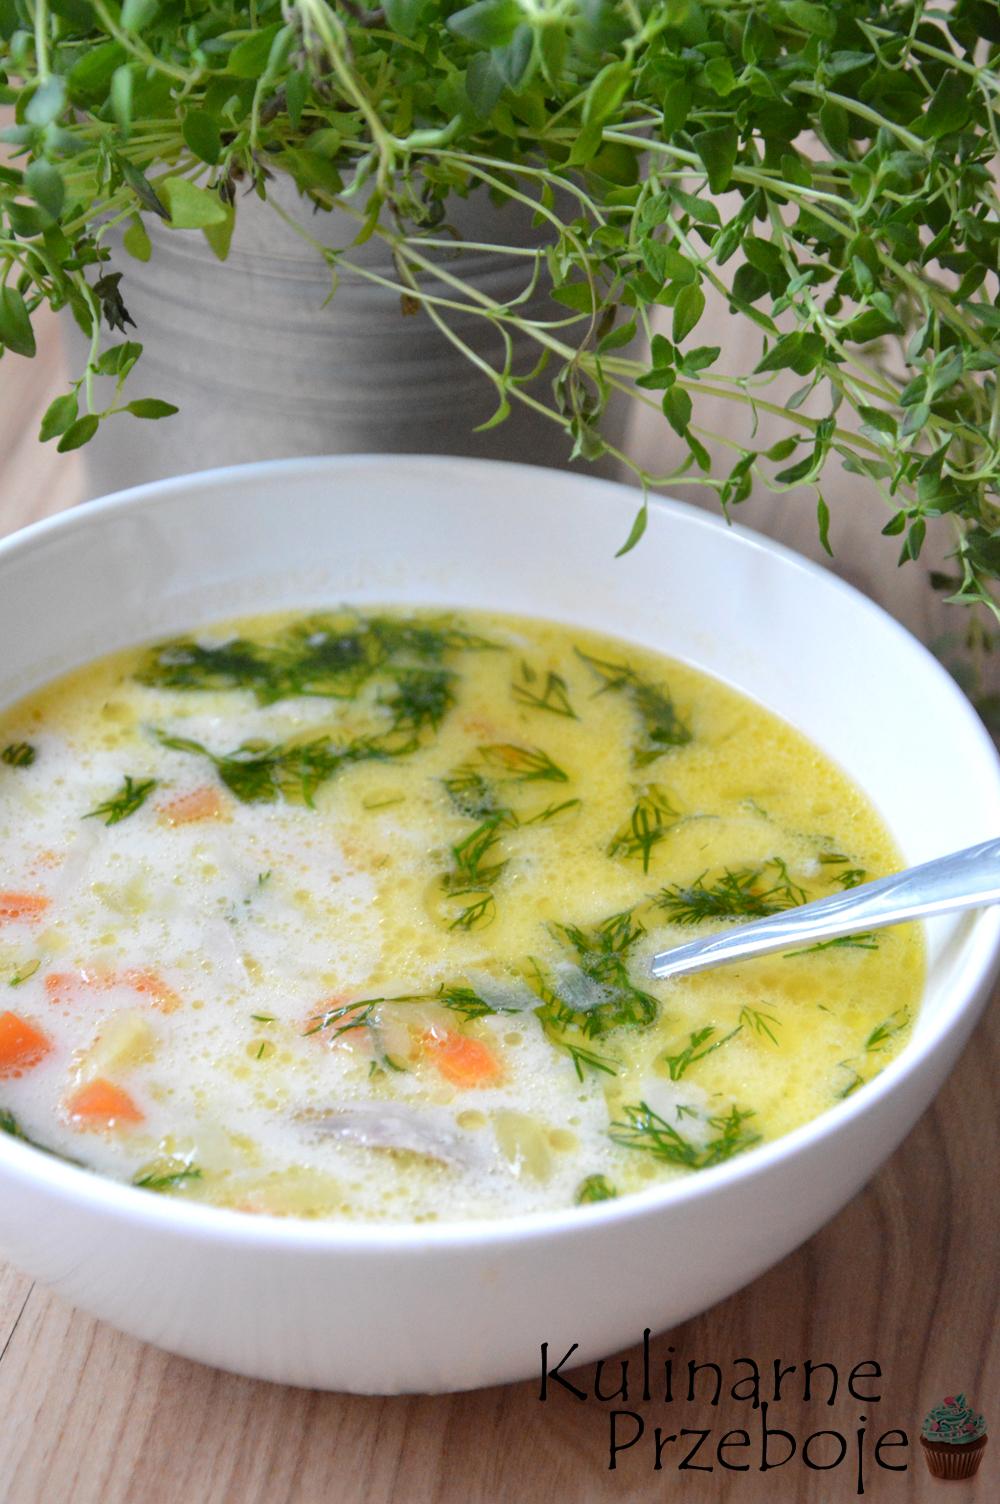 Przepyszna zupa ogórkowa na żeberkach wieprzowych